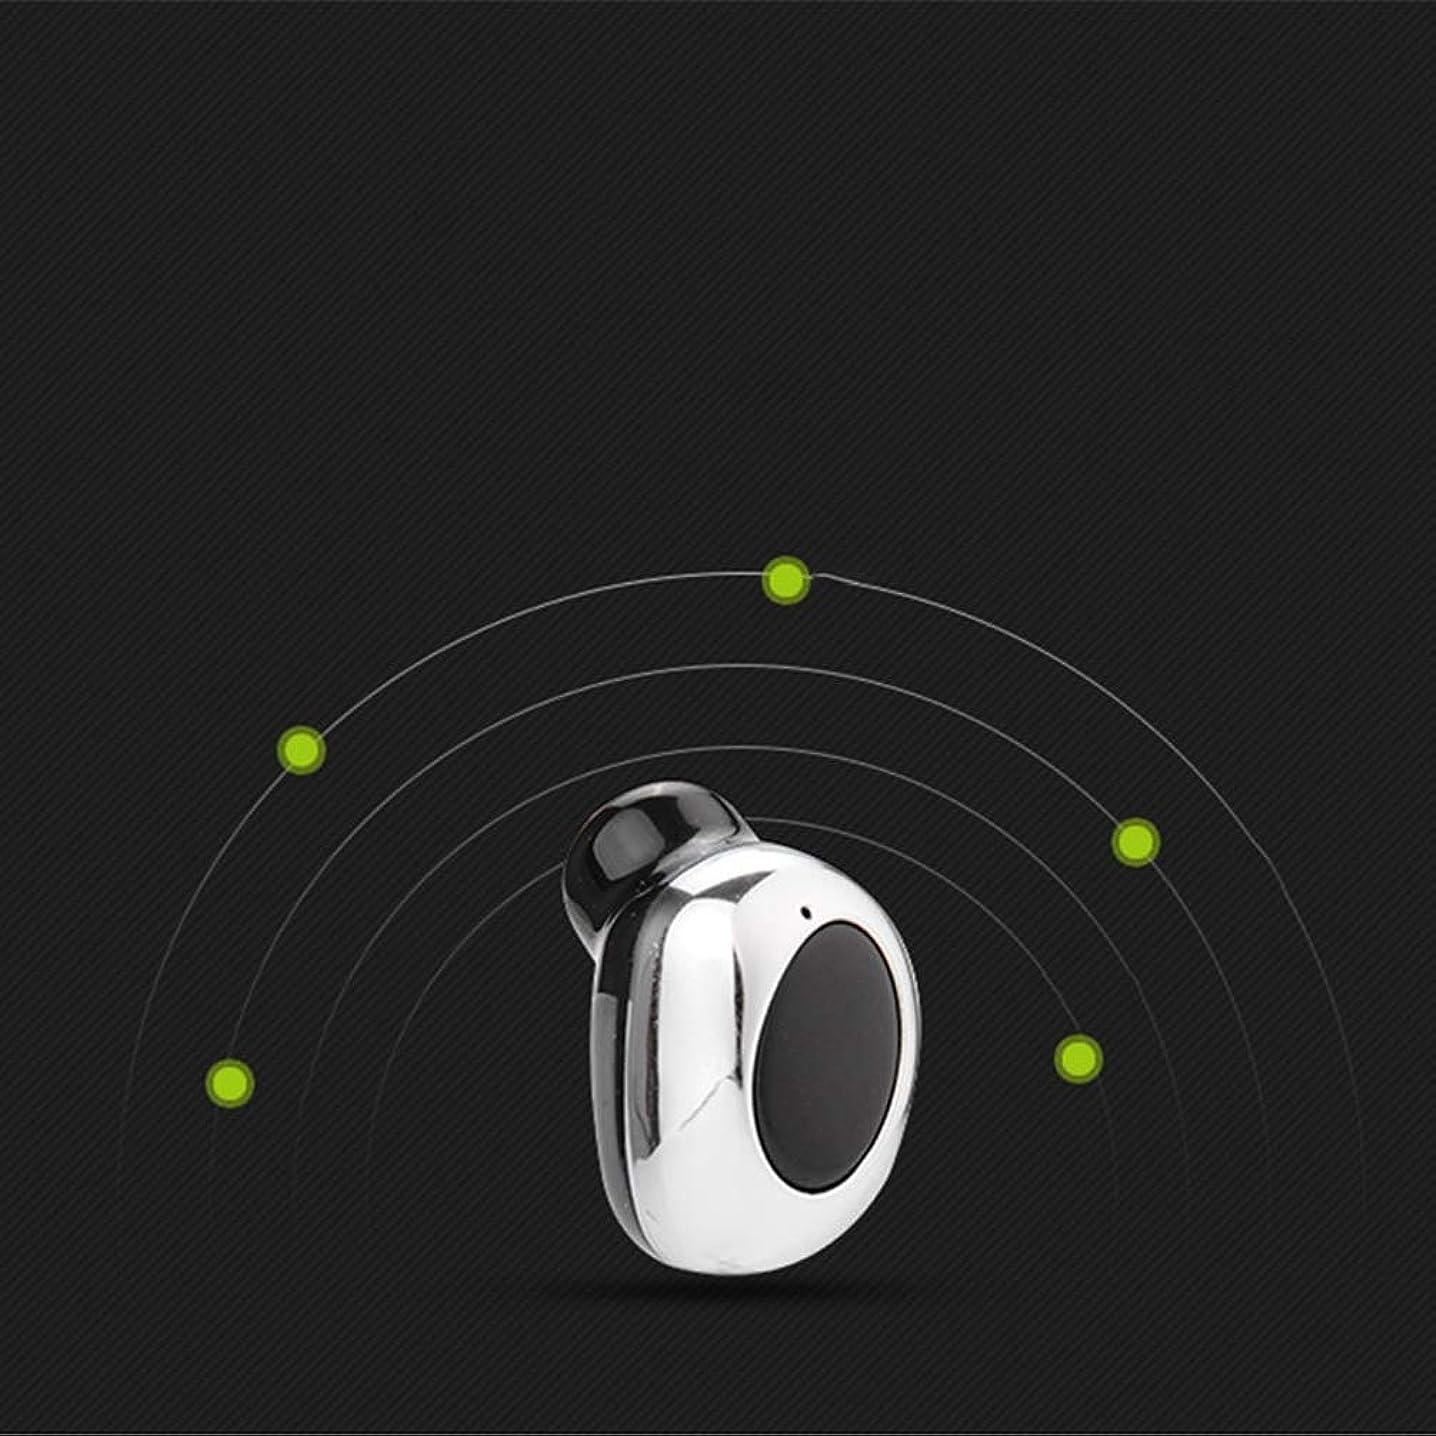 神経衰弱追加するメダル目に見えないBluetoothヘッドセット、ミニスポーツワイヤレス磁気USB充電スタンド、片面ハンズフリーステレオイヤホン、Android IOSシステムとの互換性 (色 : シルバー しるば゜)